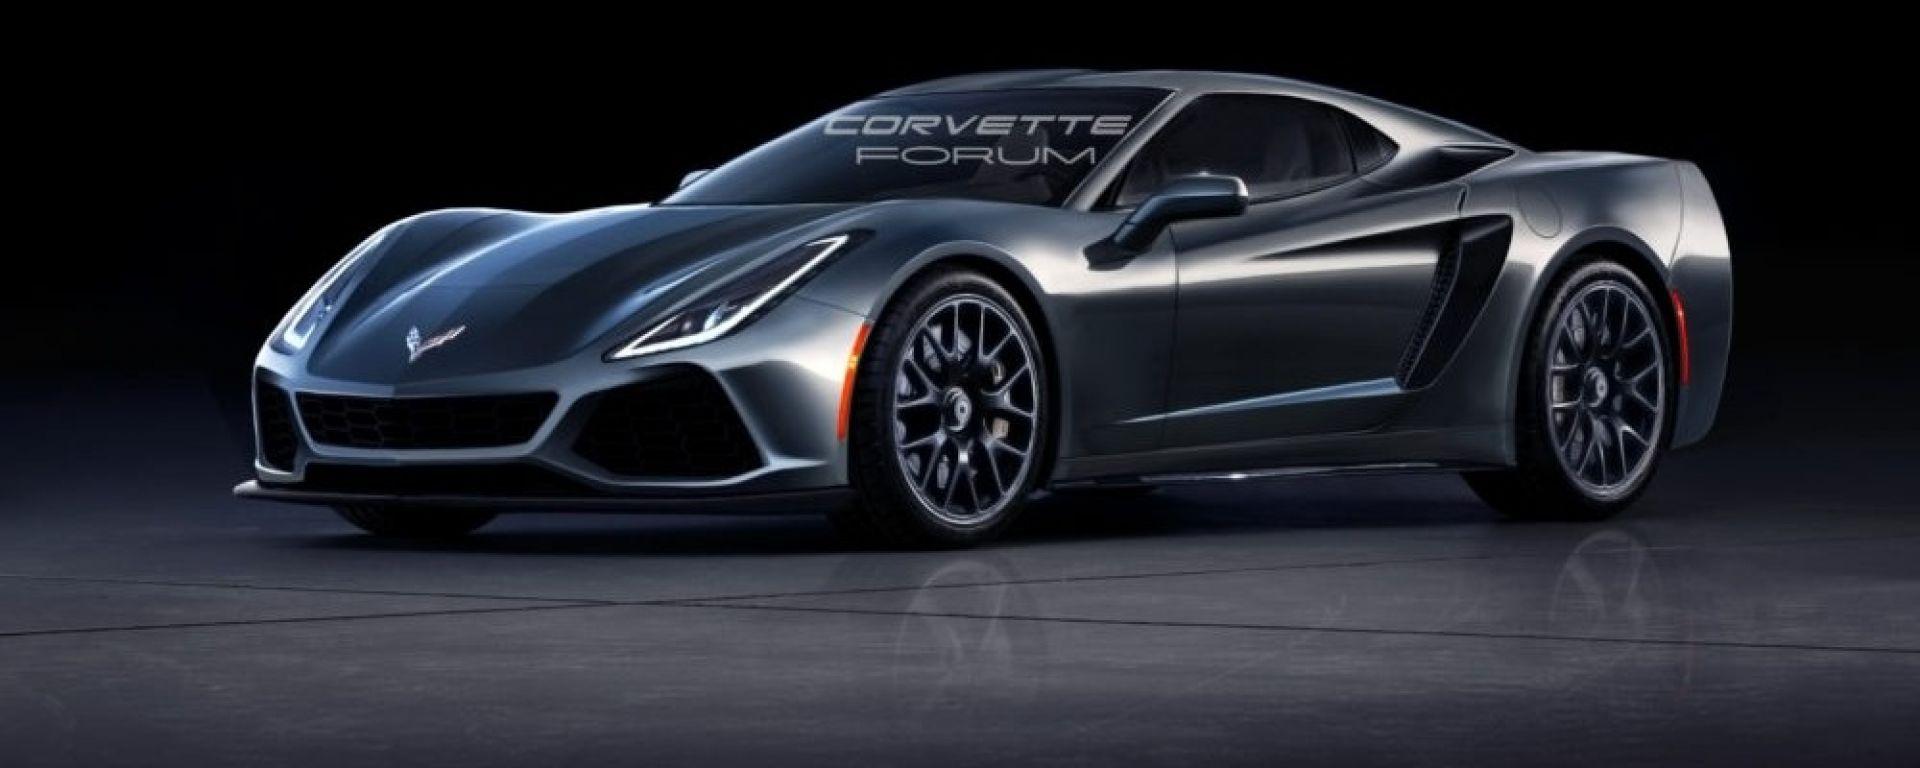 Corvette C8 a motore centrale: sarà anche biturbo e avrà fino a 850 CV - MotorBox